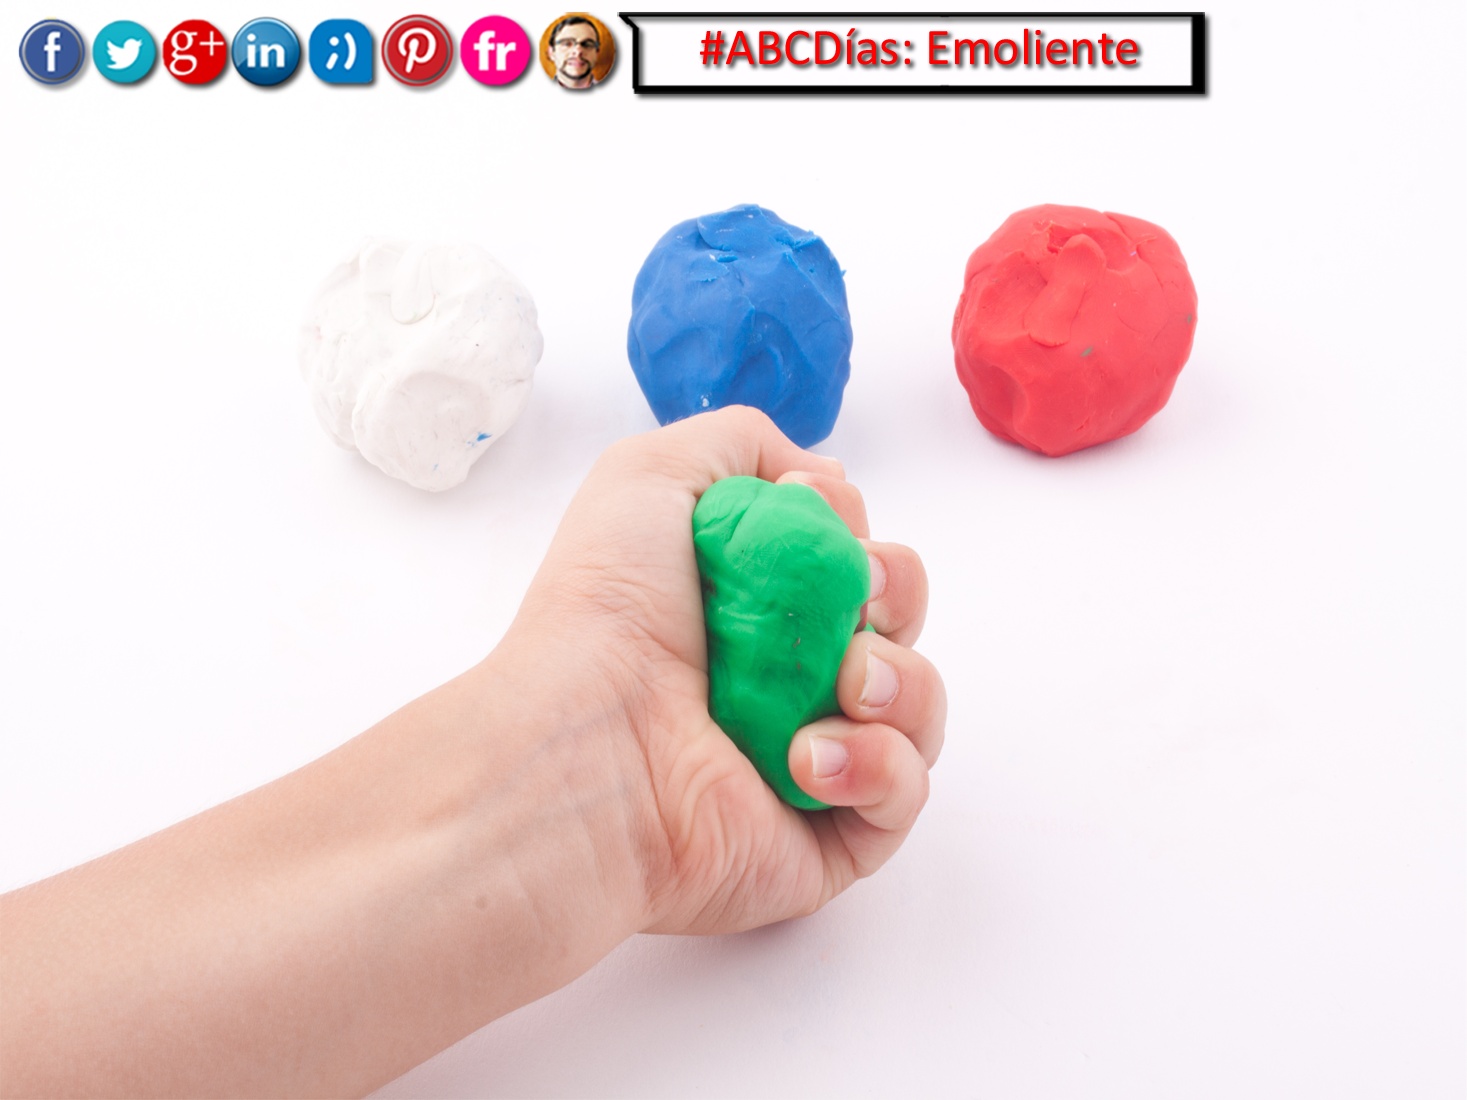 ¿Jugamos? ¡Buenos #ABCDías! Jueves 05/03/15 (GR 14ºC Máx)  - Emoliente: Que sirve para 3ablandar una dureza.  Link: http://goo.gl/q9IagM